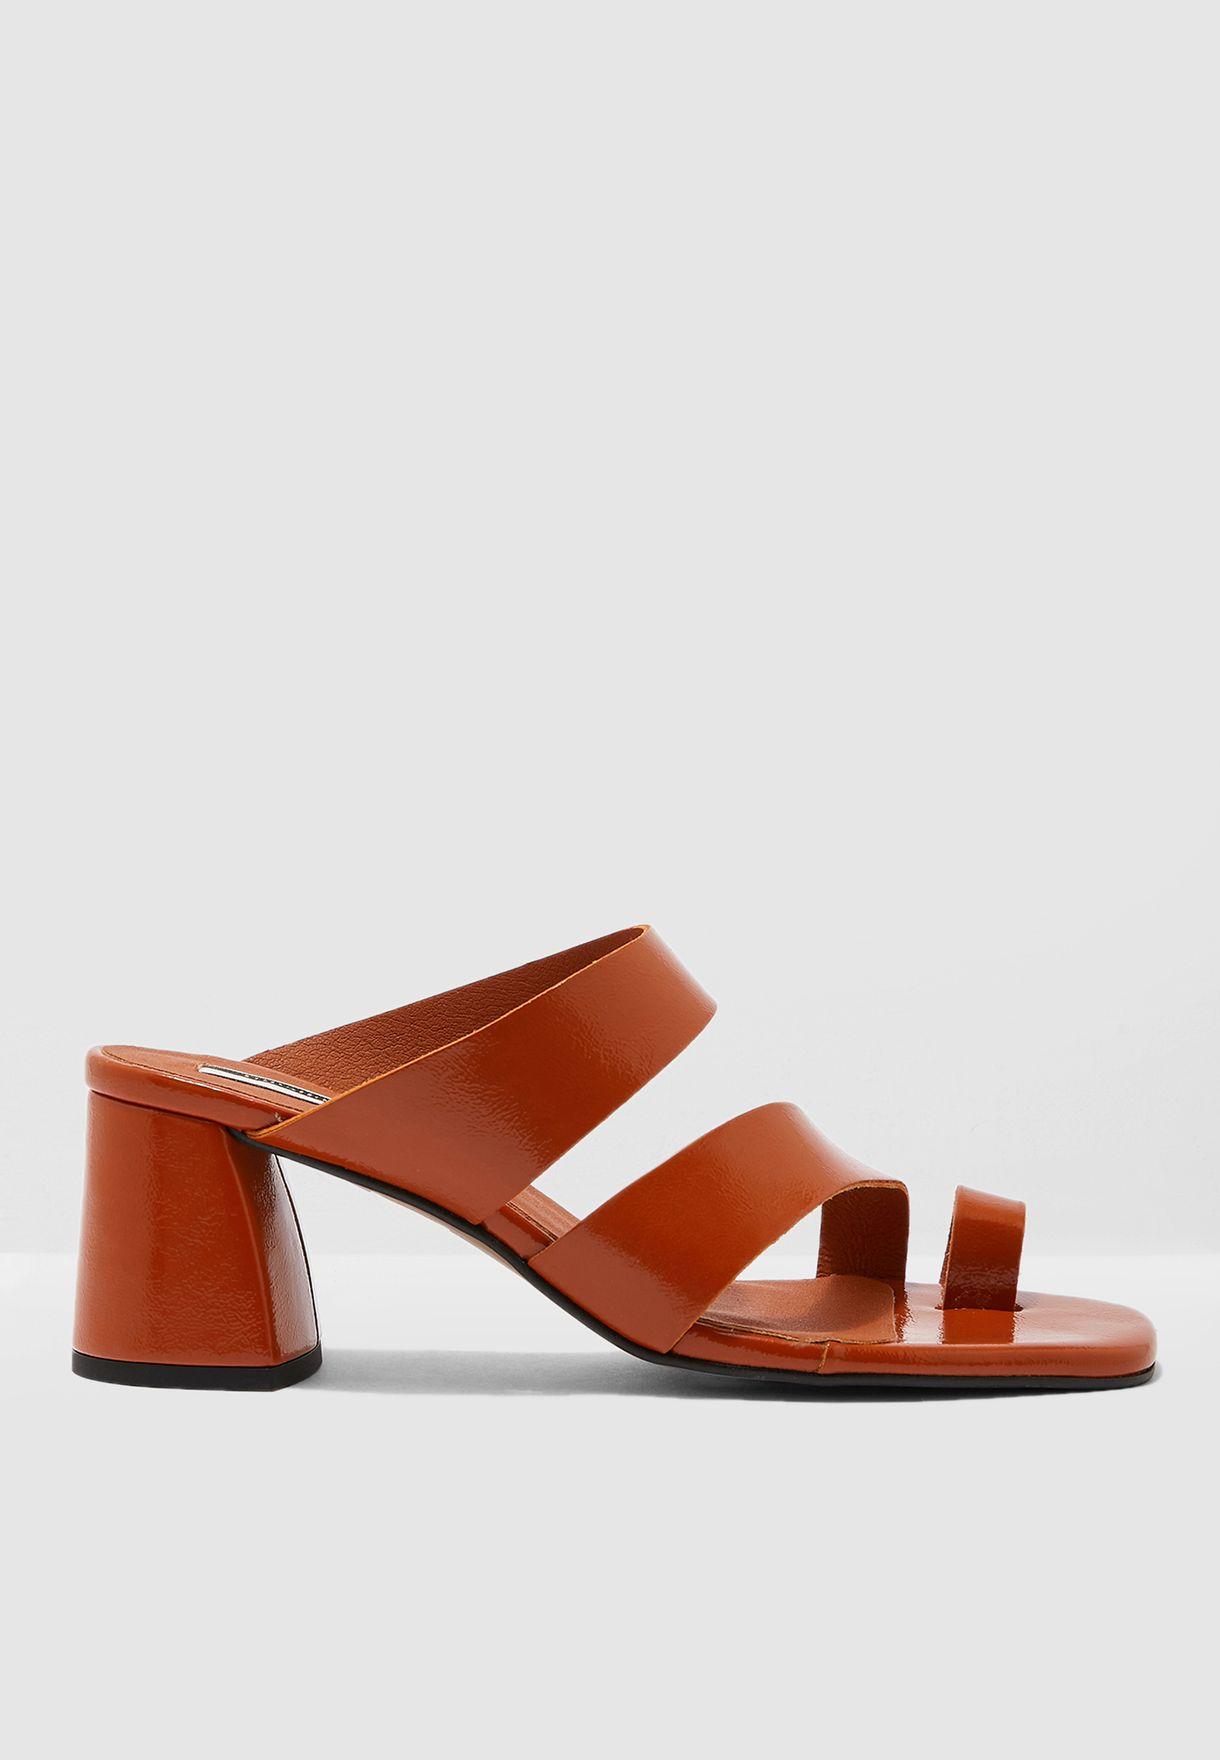 Reya Vegan High Toe Loop Heel Sandal - Brown